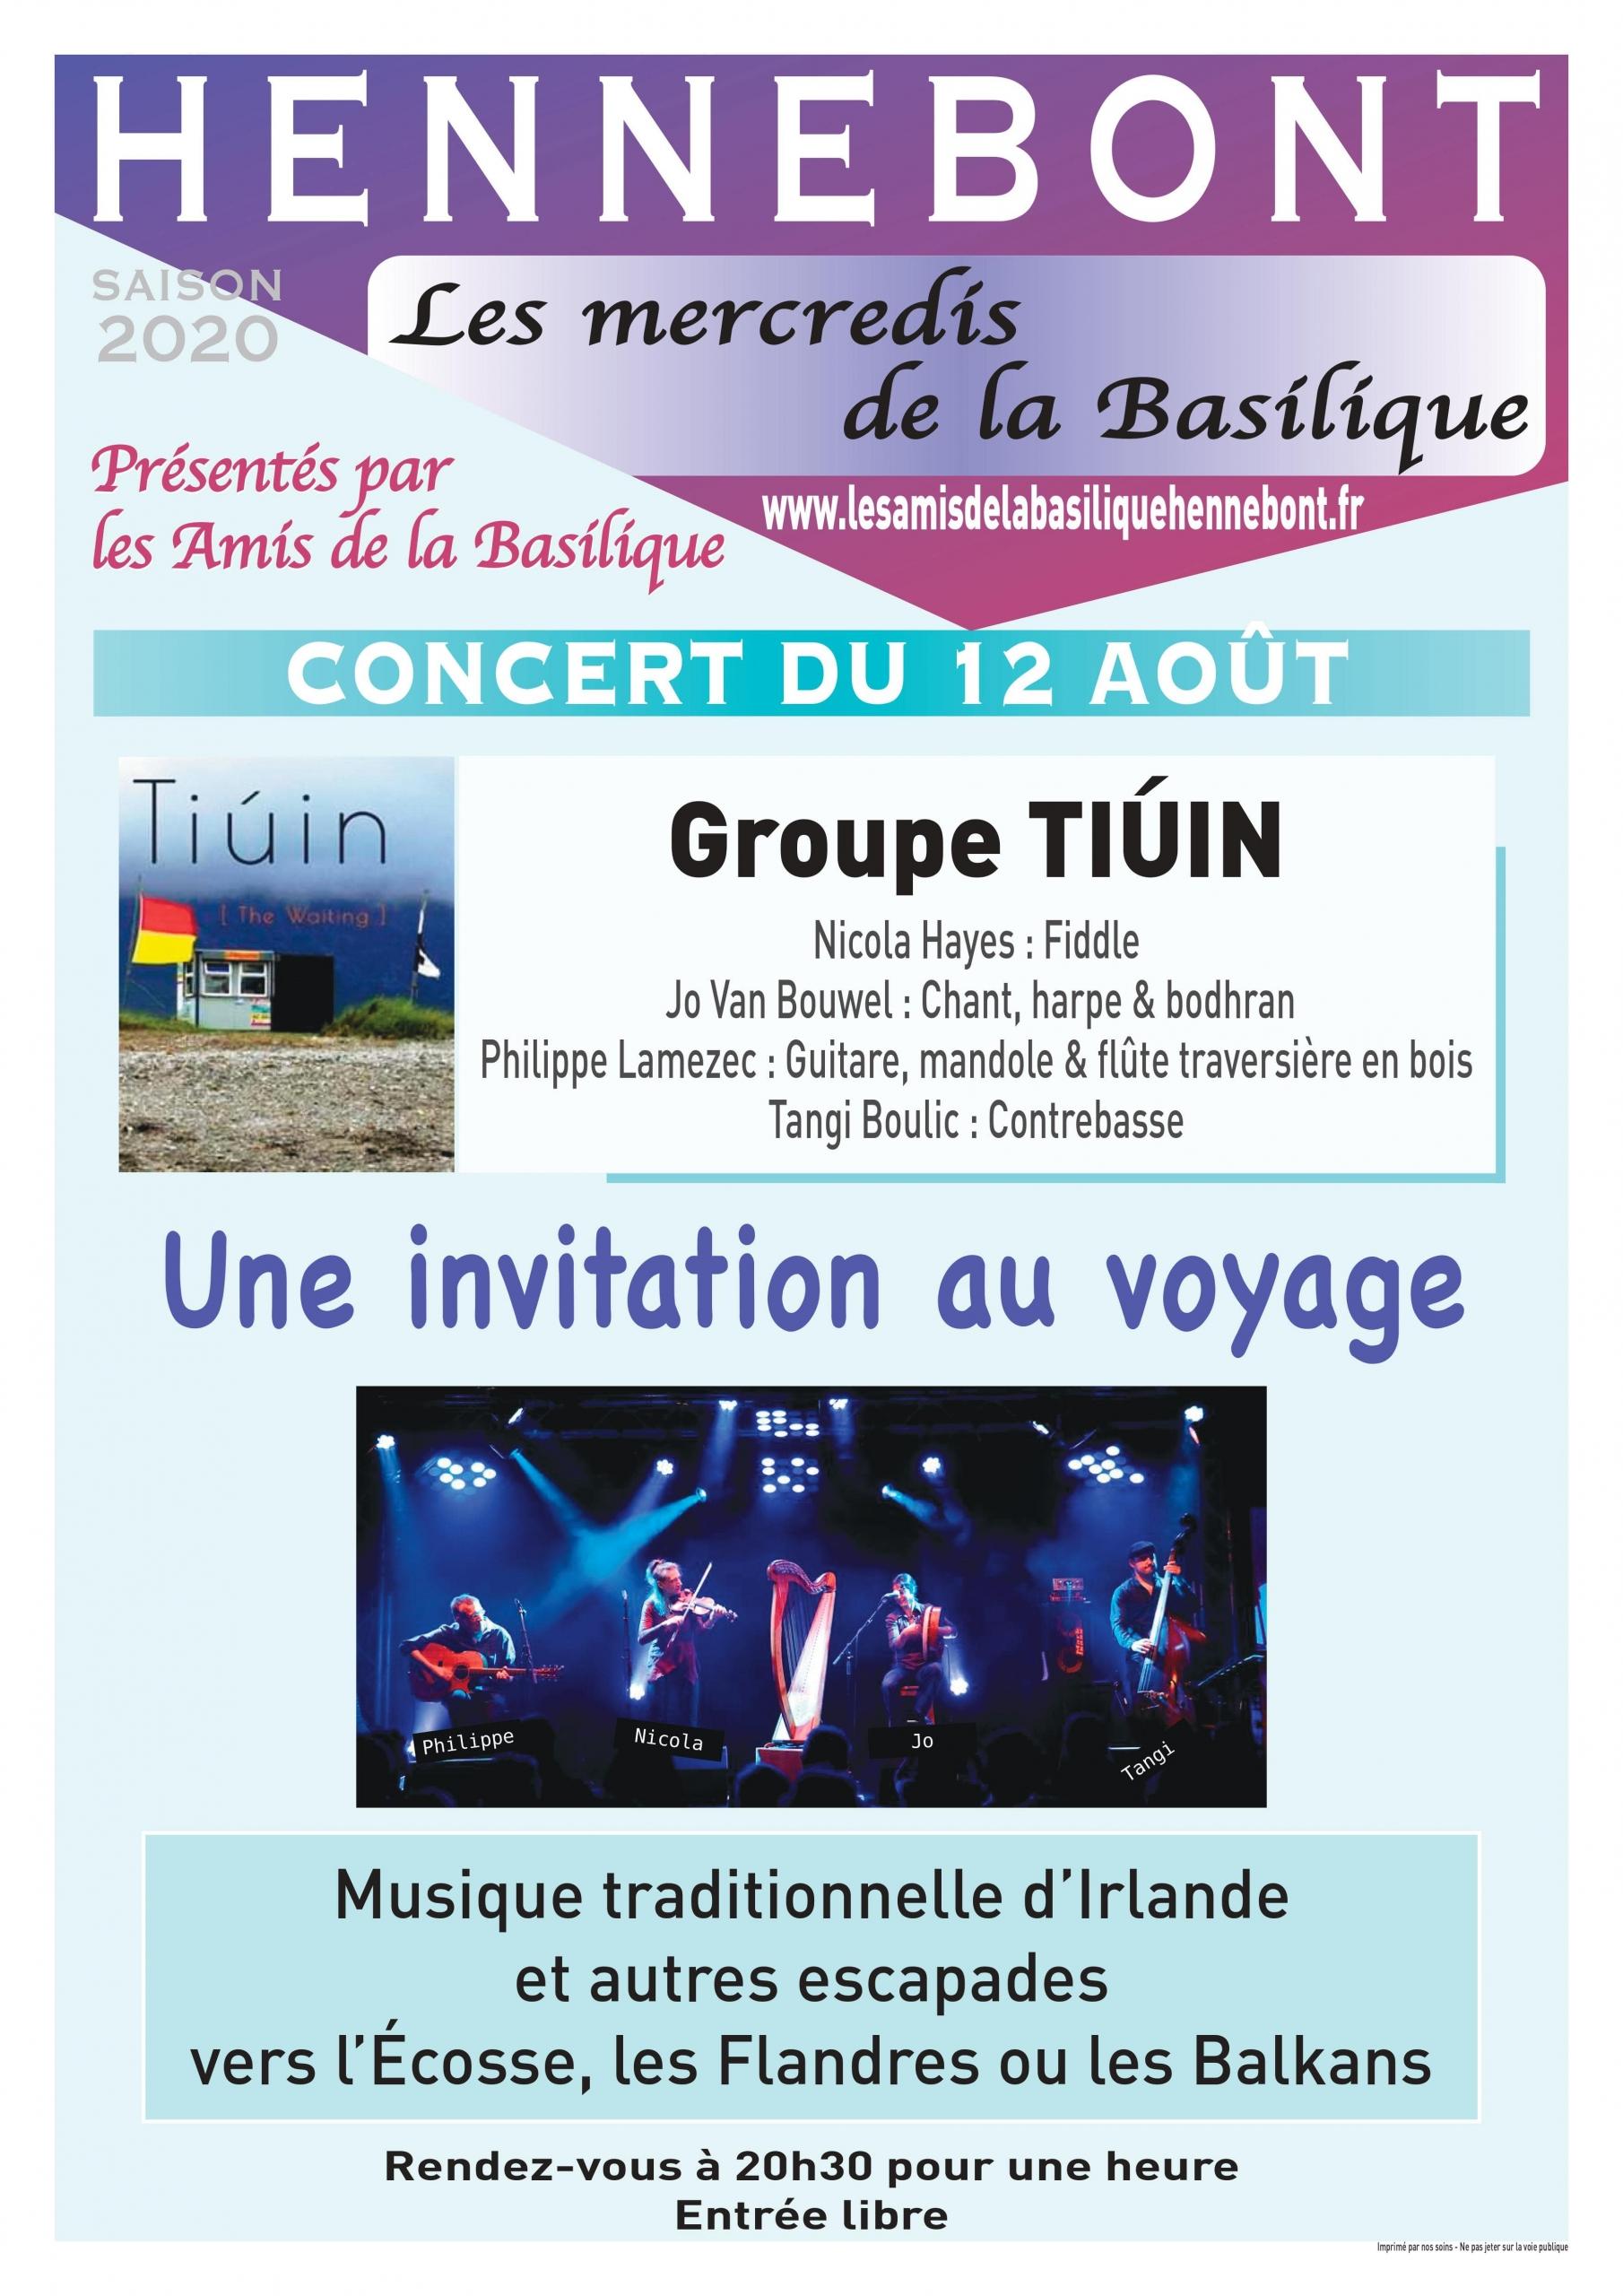 mercredis_de_la_basilique_concert_groupe_Tiuin_Notre_dame_de_paradis_Hennebont